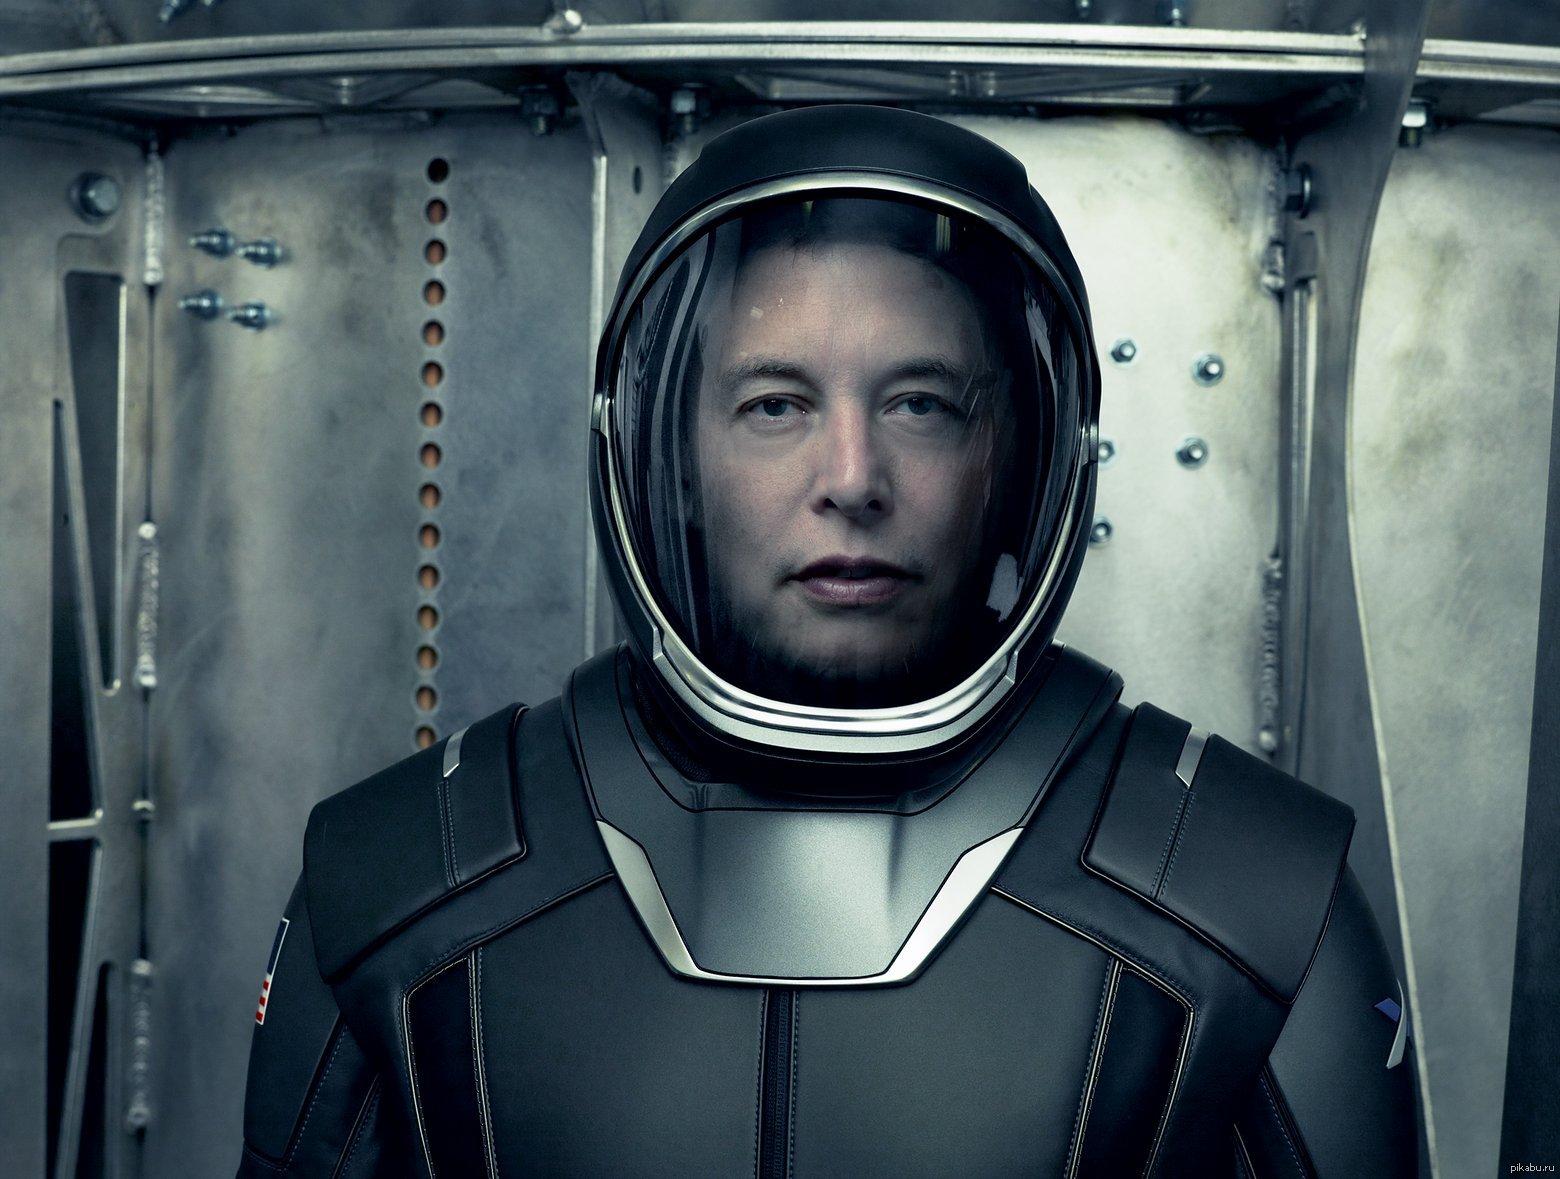 Основатель SpaceX заявил о планах полета человека на Марс к 2025 году